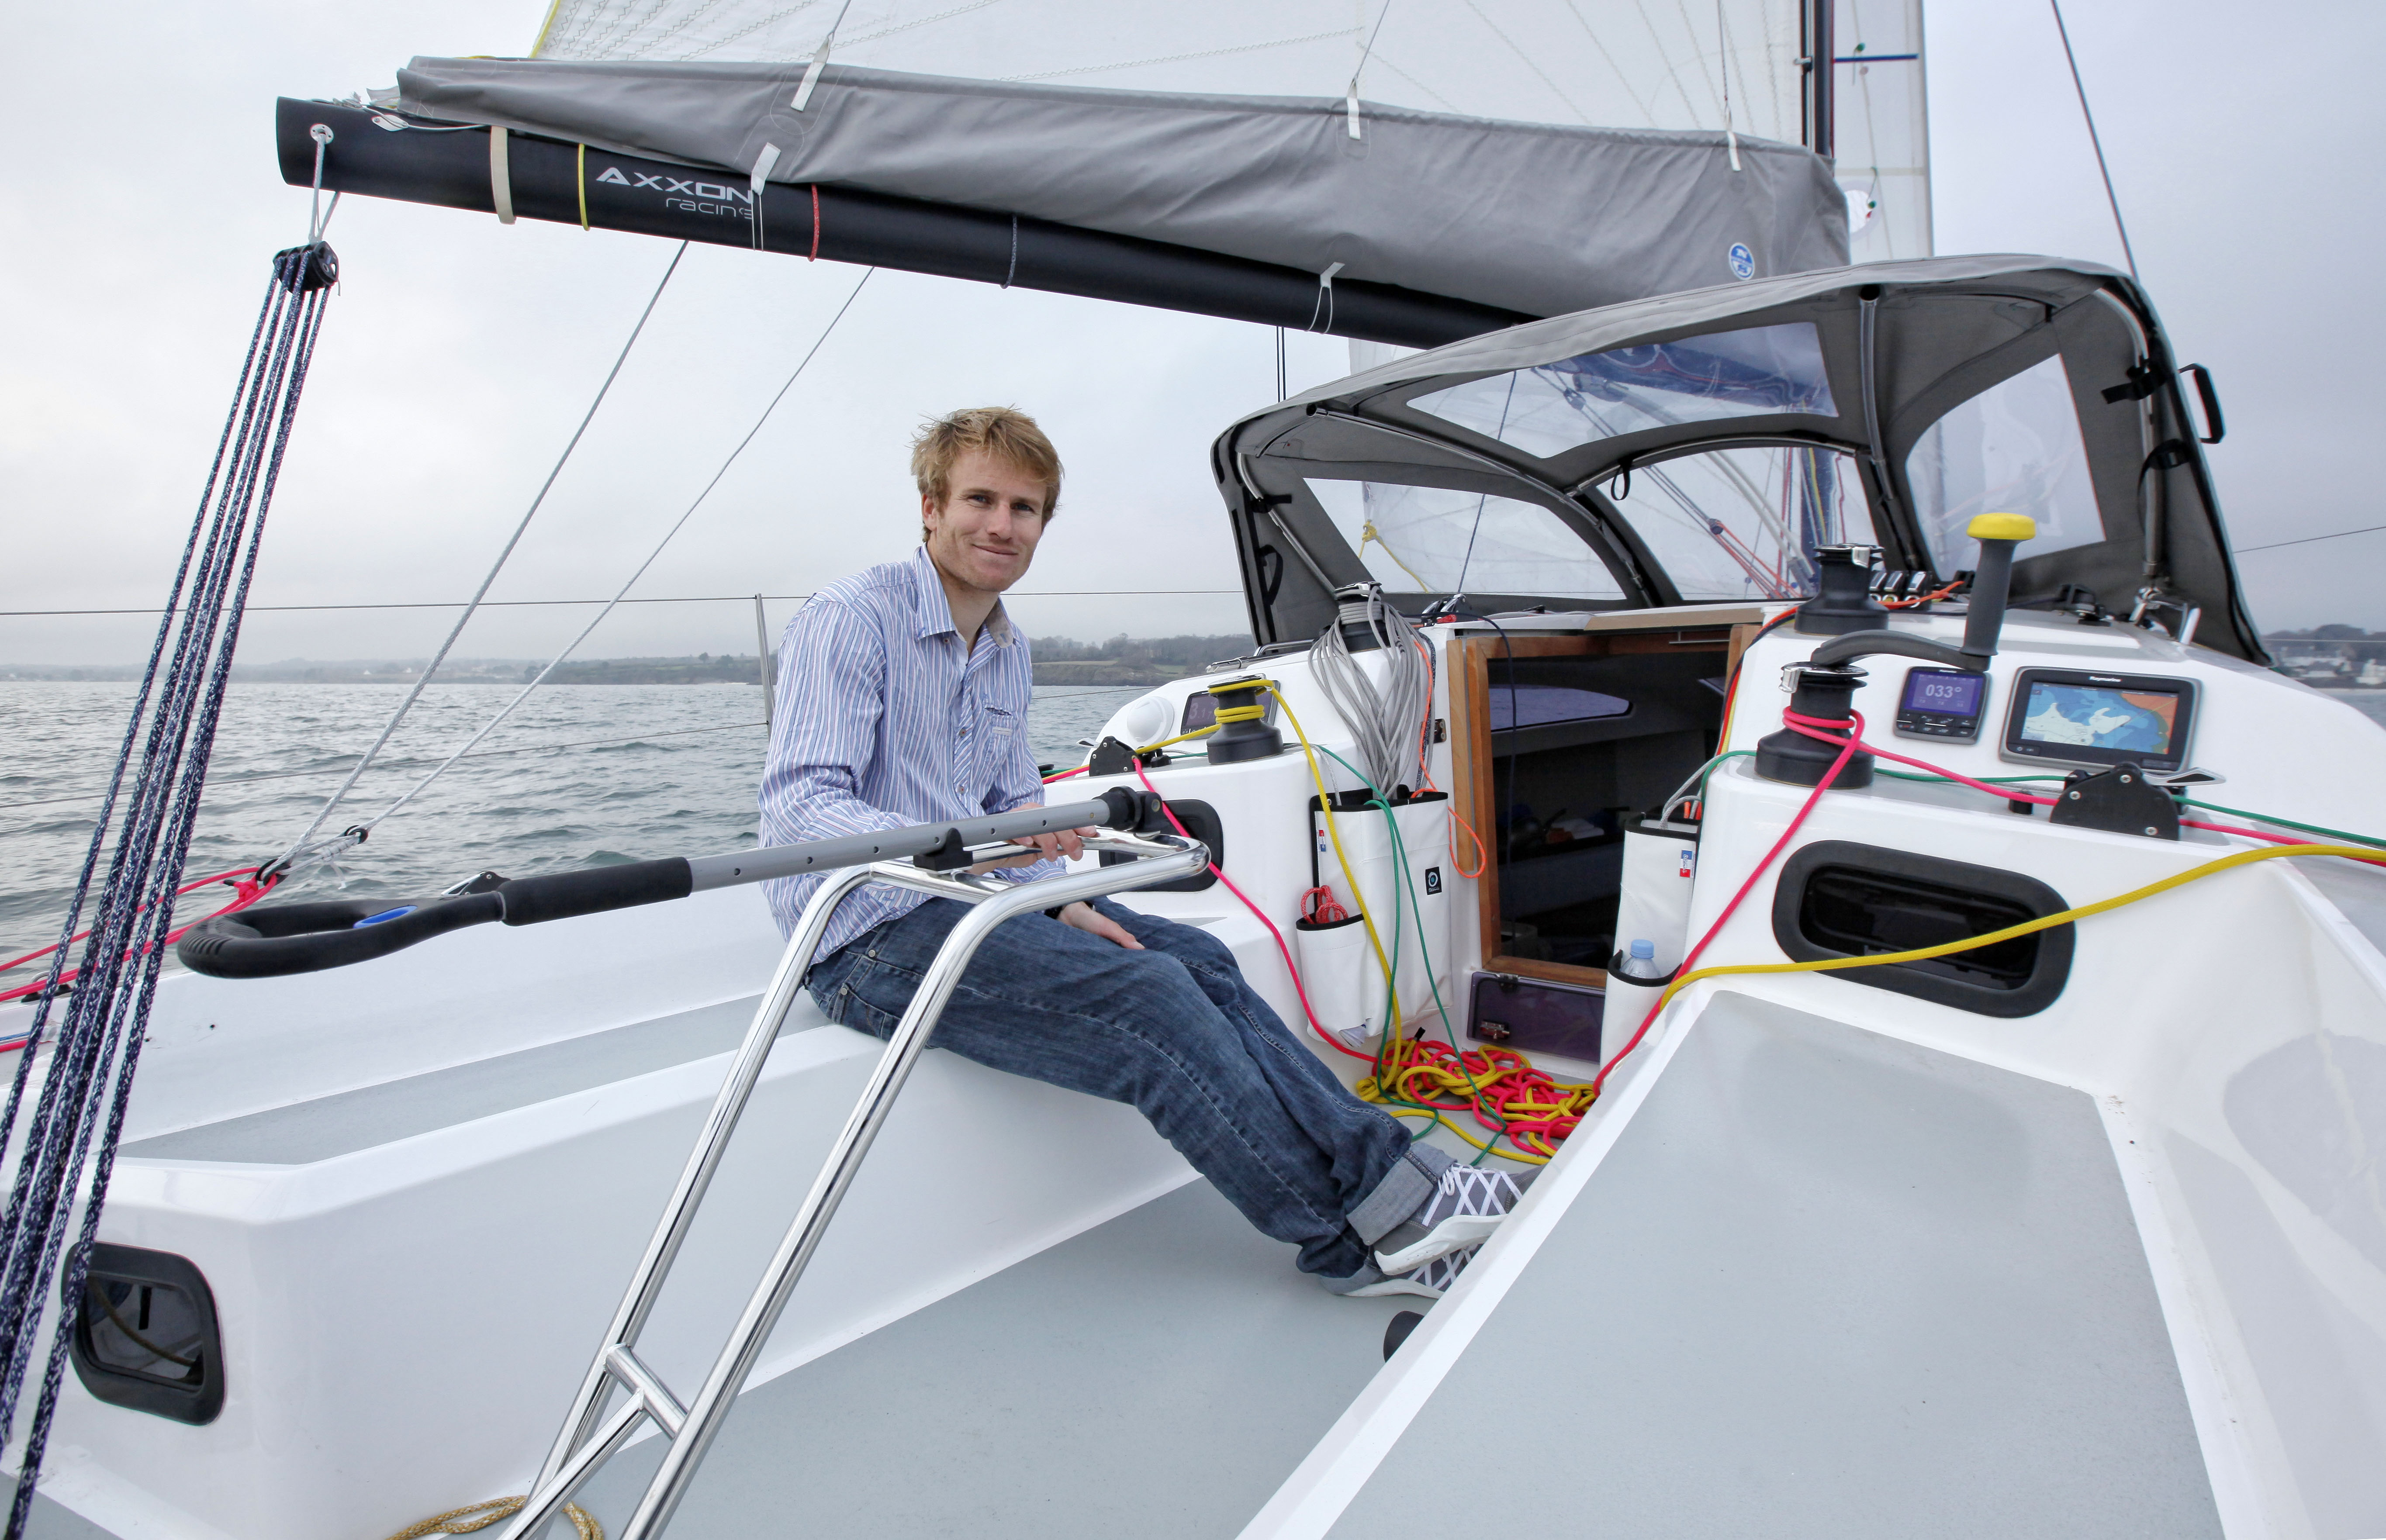 François Gabart doświadczony żeglarz